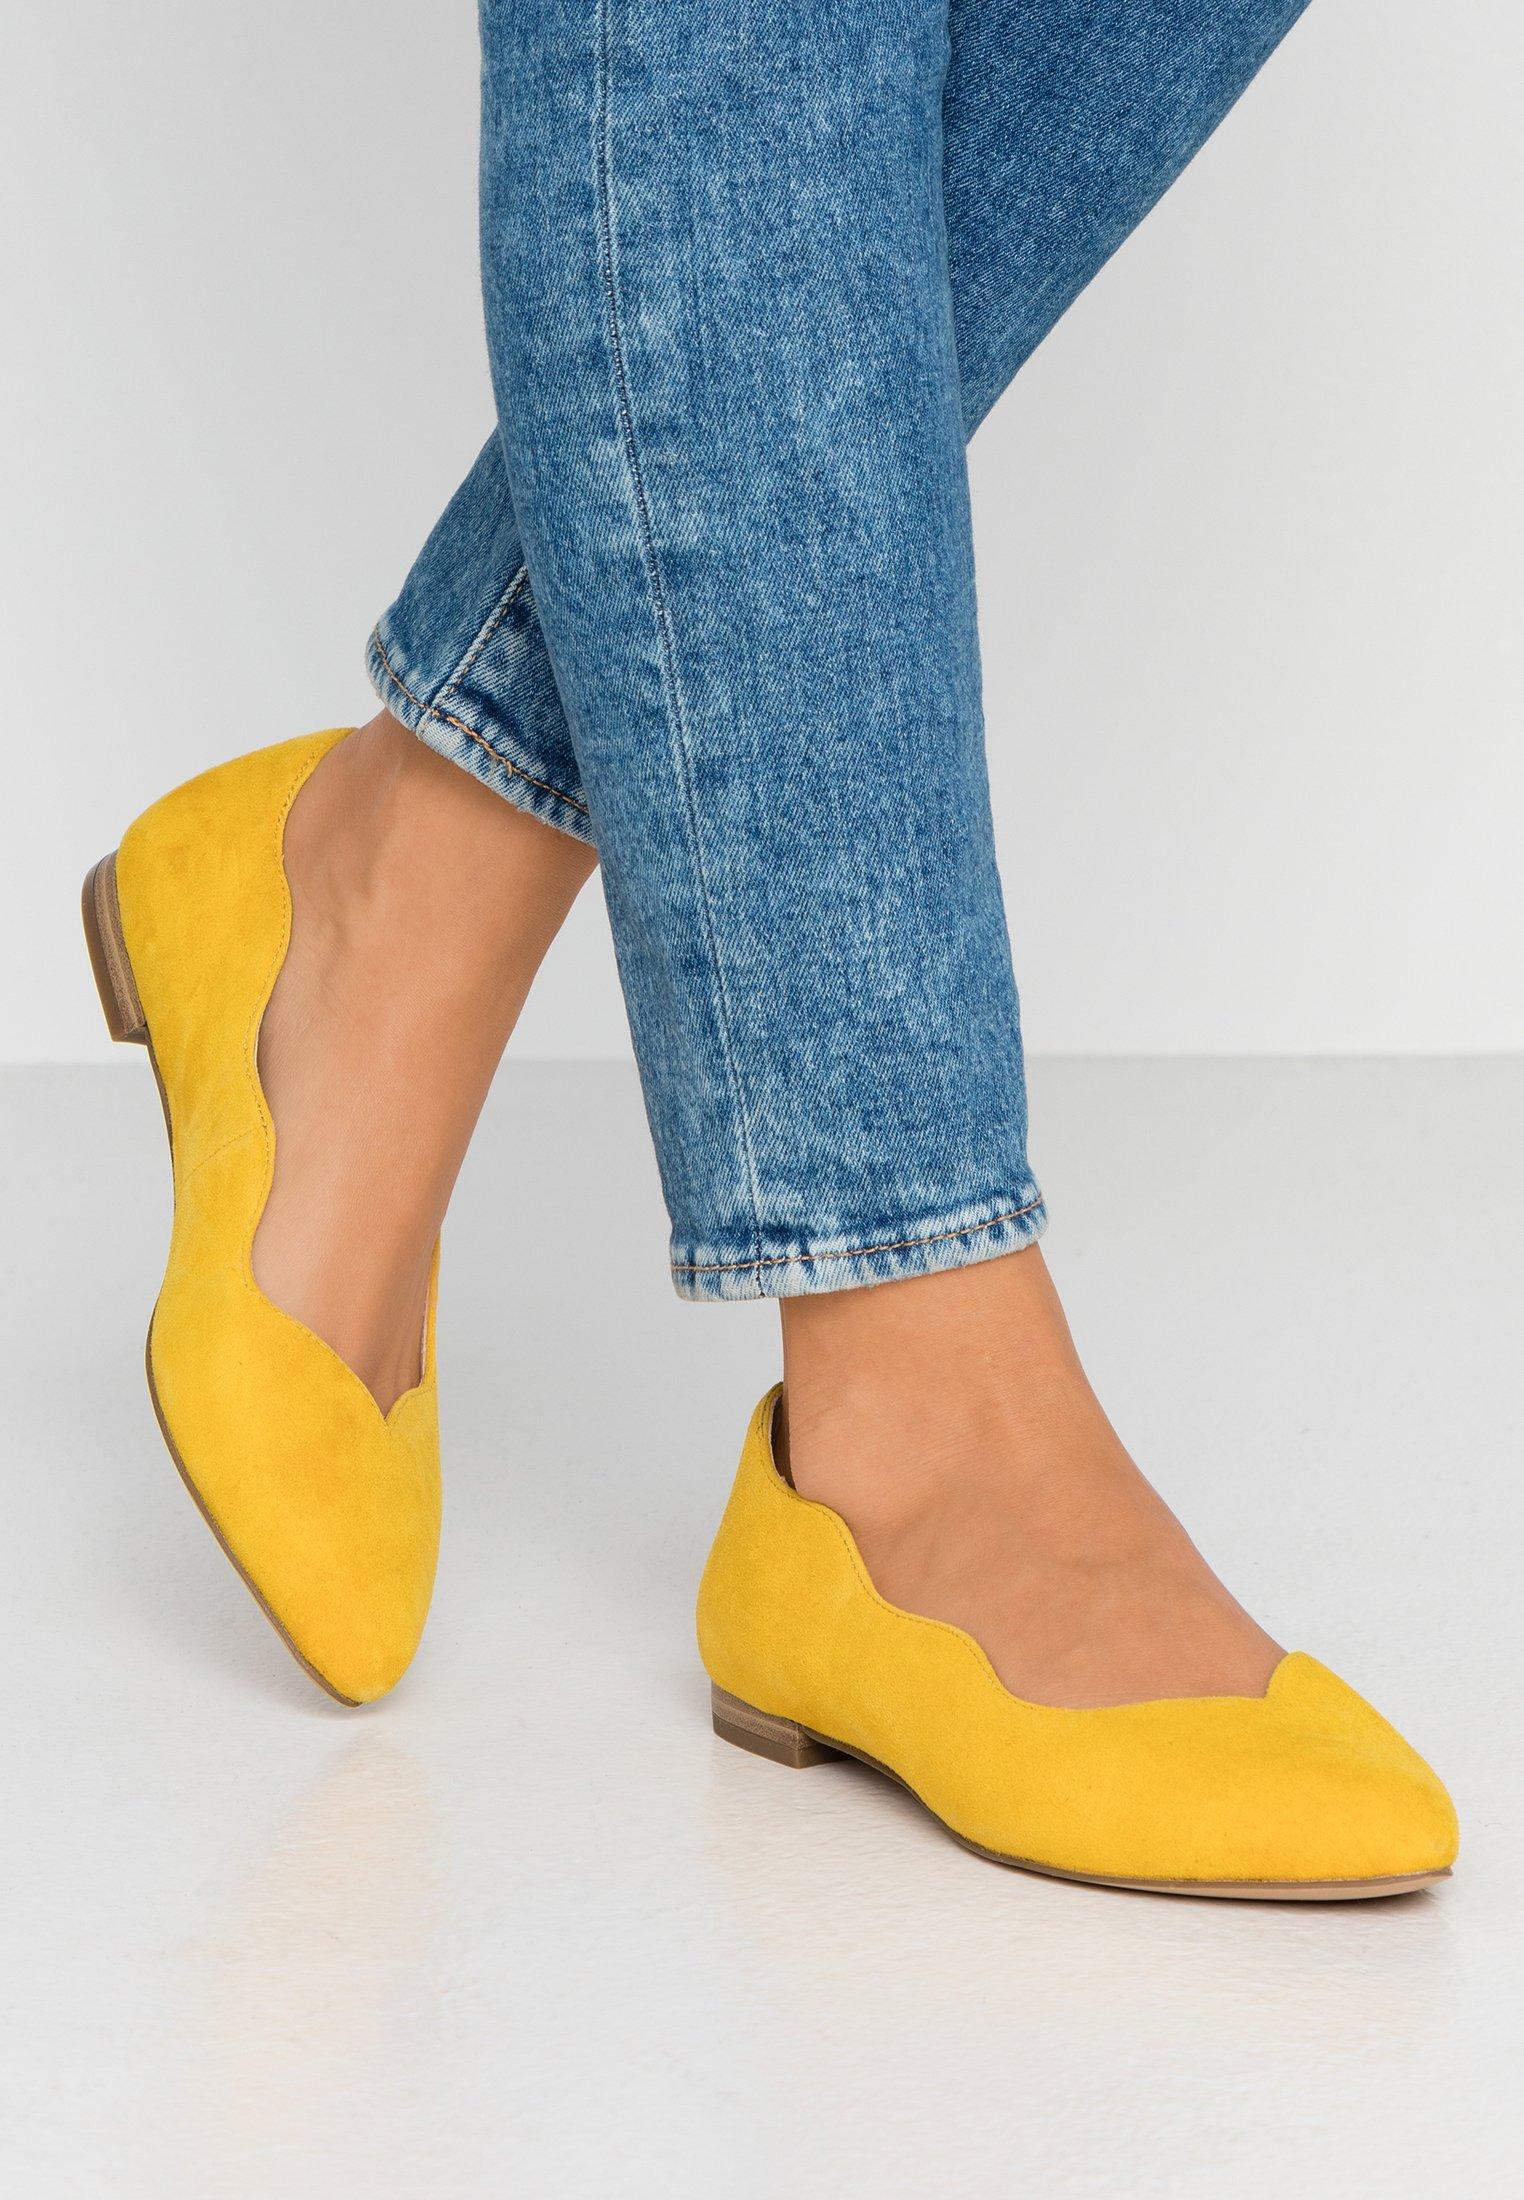 Caprice Ballerina - yellow